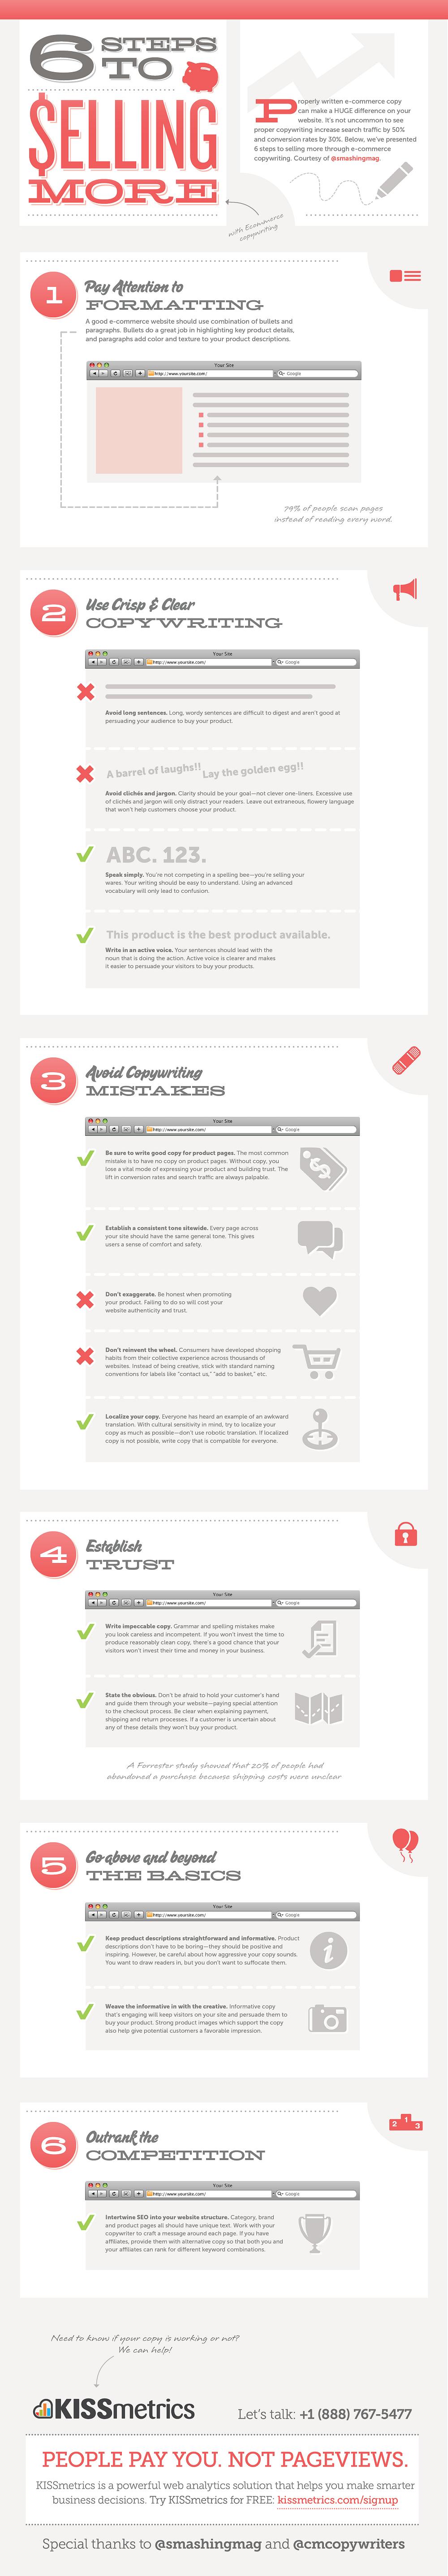 6 conseils pour mieux vendre sur Internet